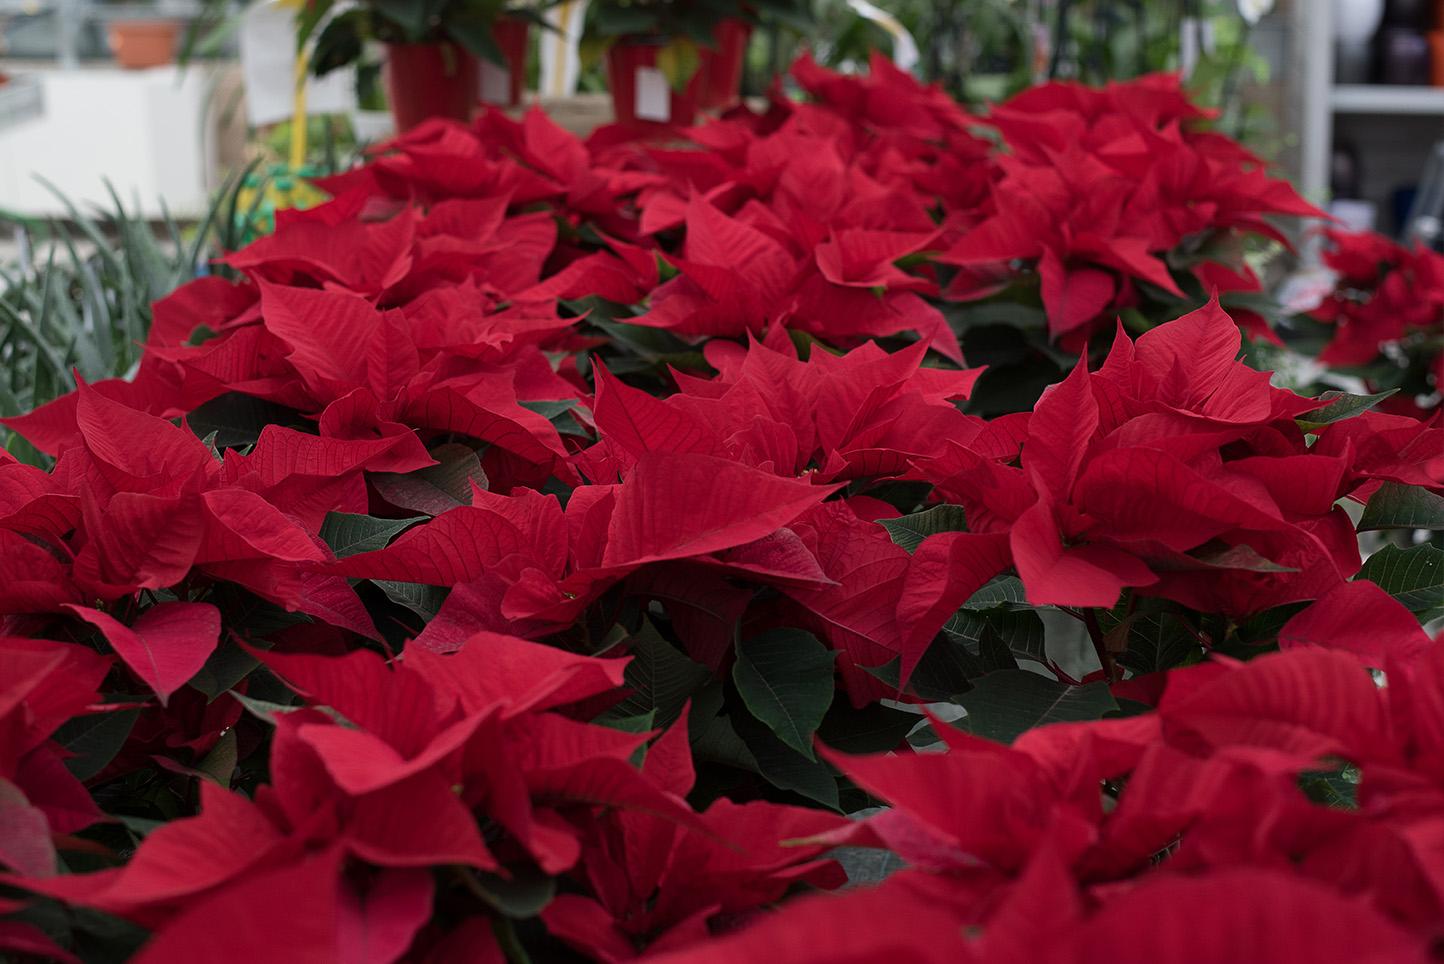 Centro de Jardinería Gorbeia - Flor de Pascua